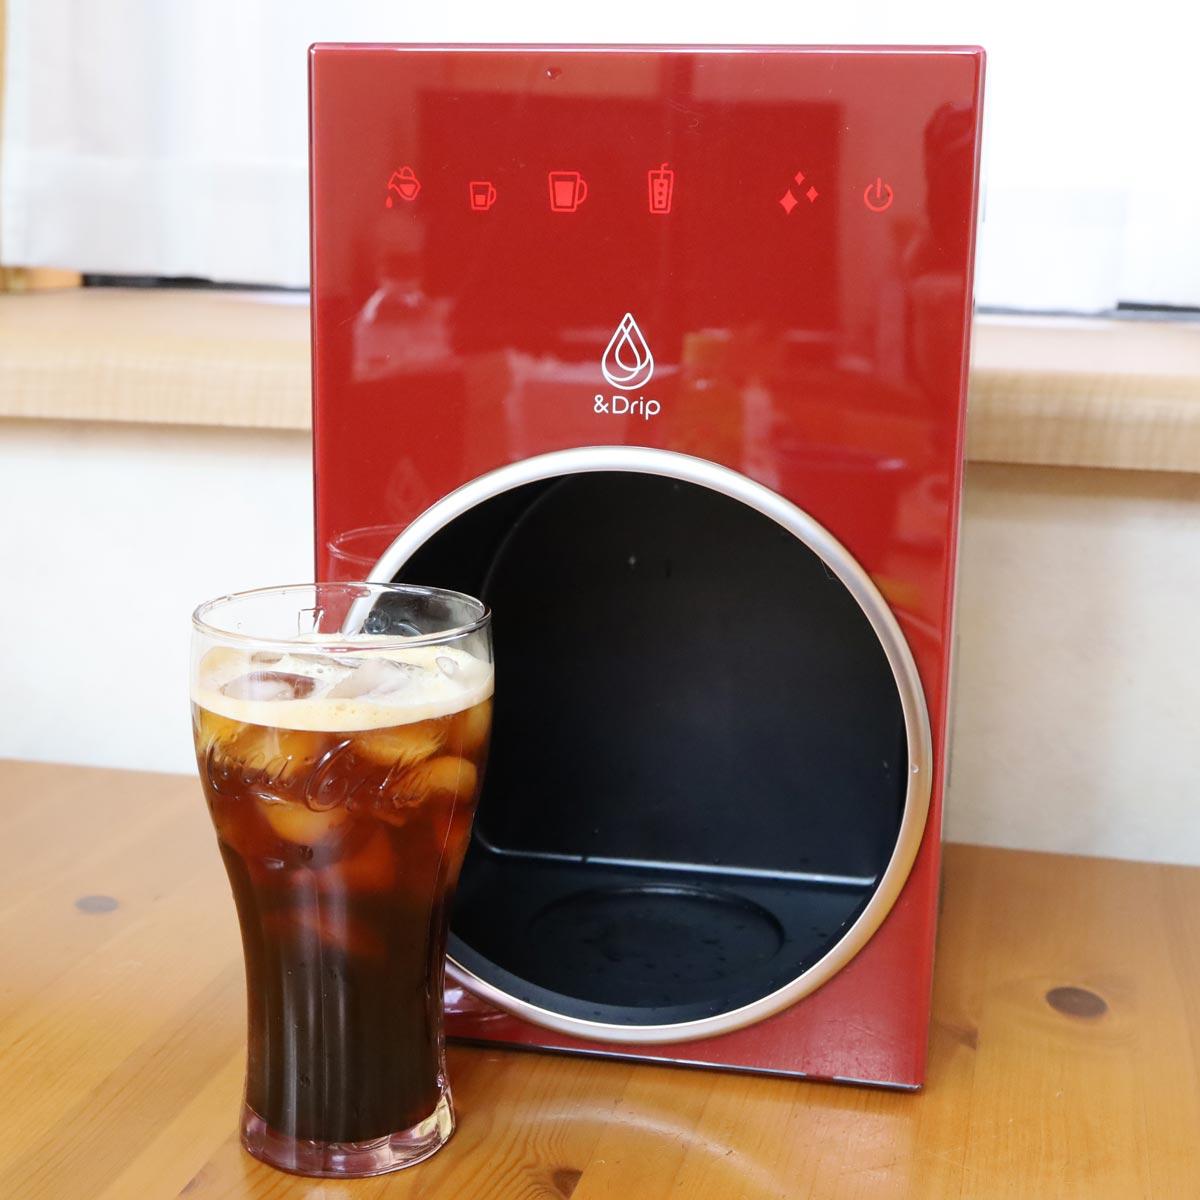 アイスも激ウマです! コカ・コーラのおしゃれコーヒーメーカー「&Drip」